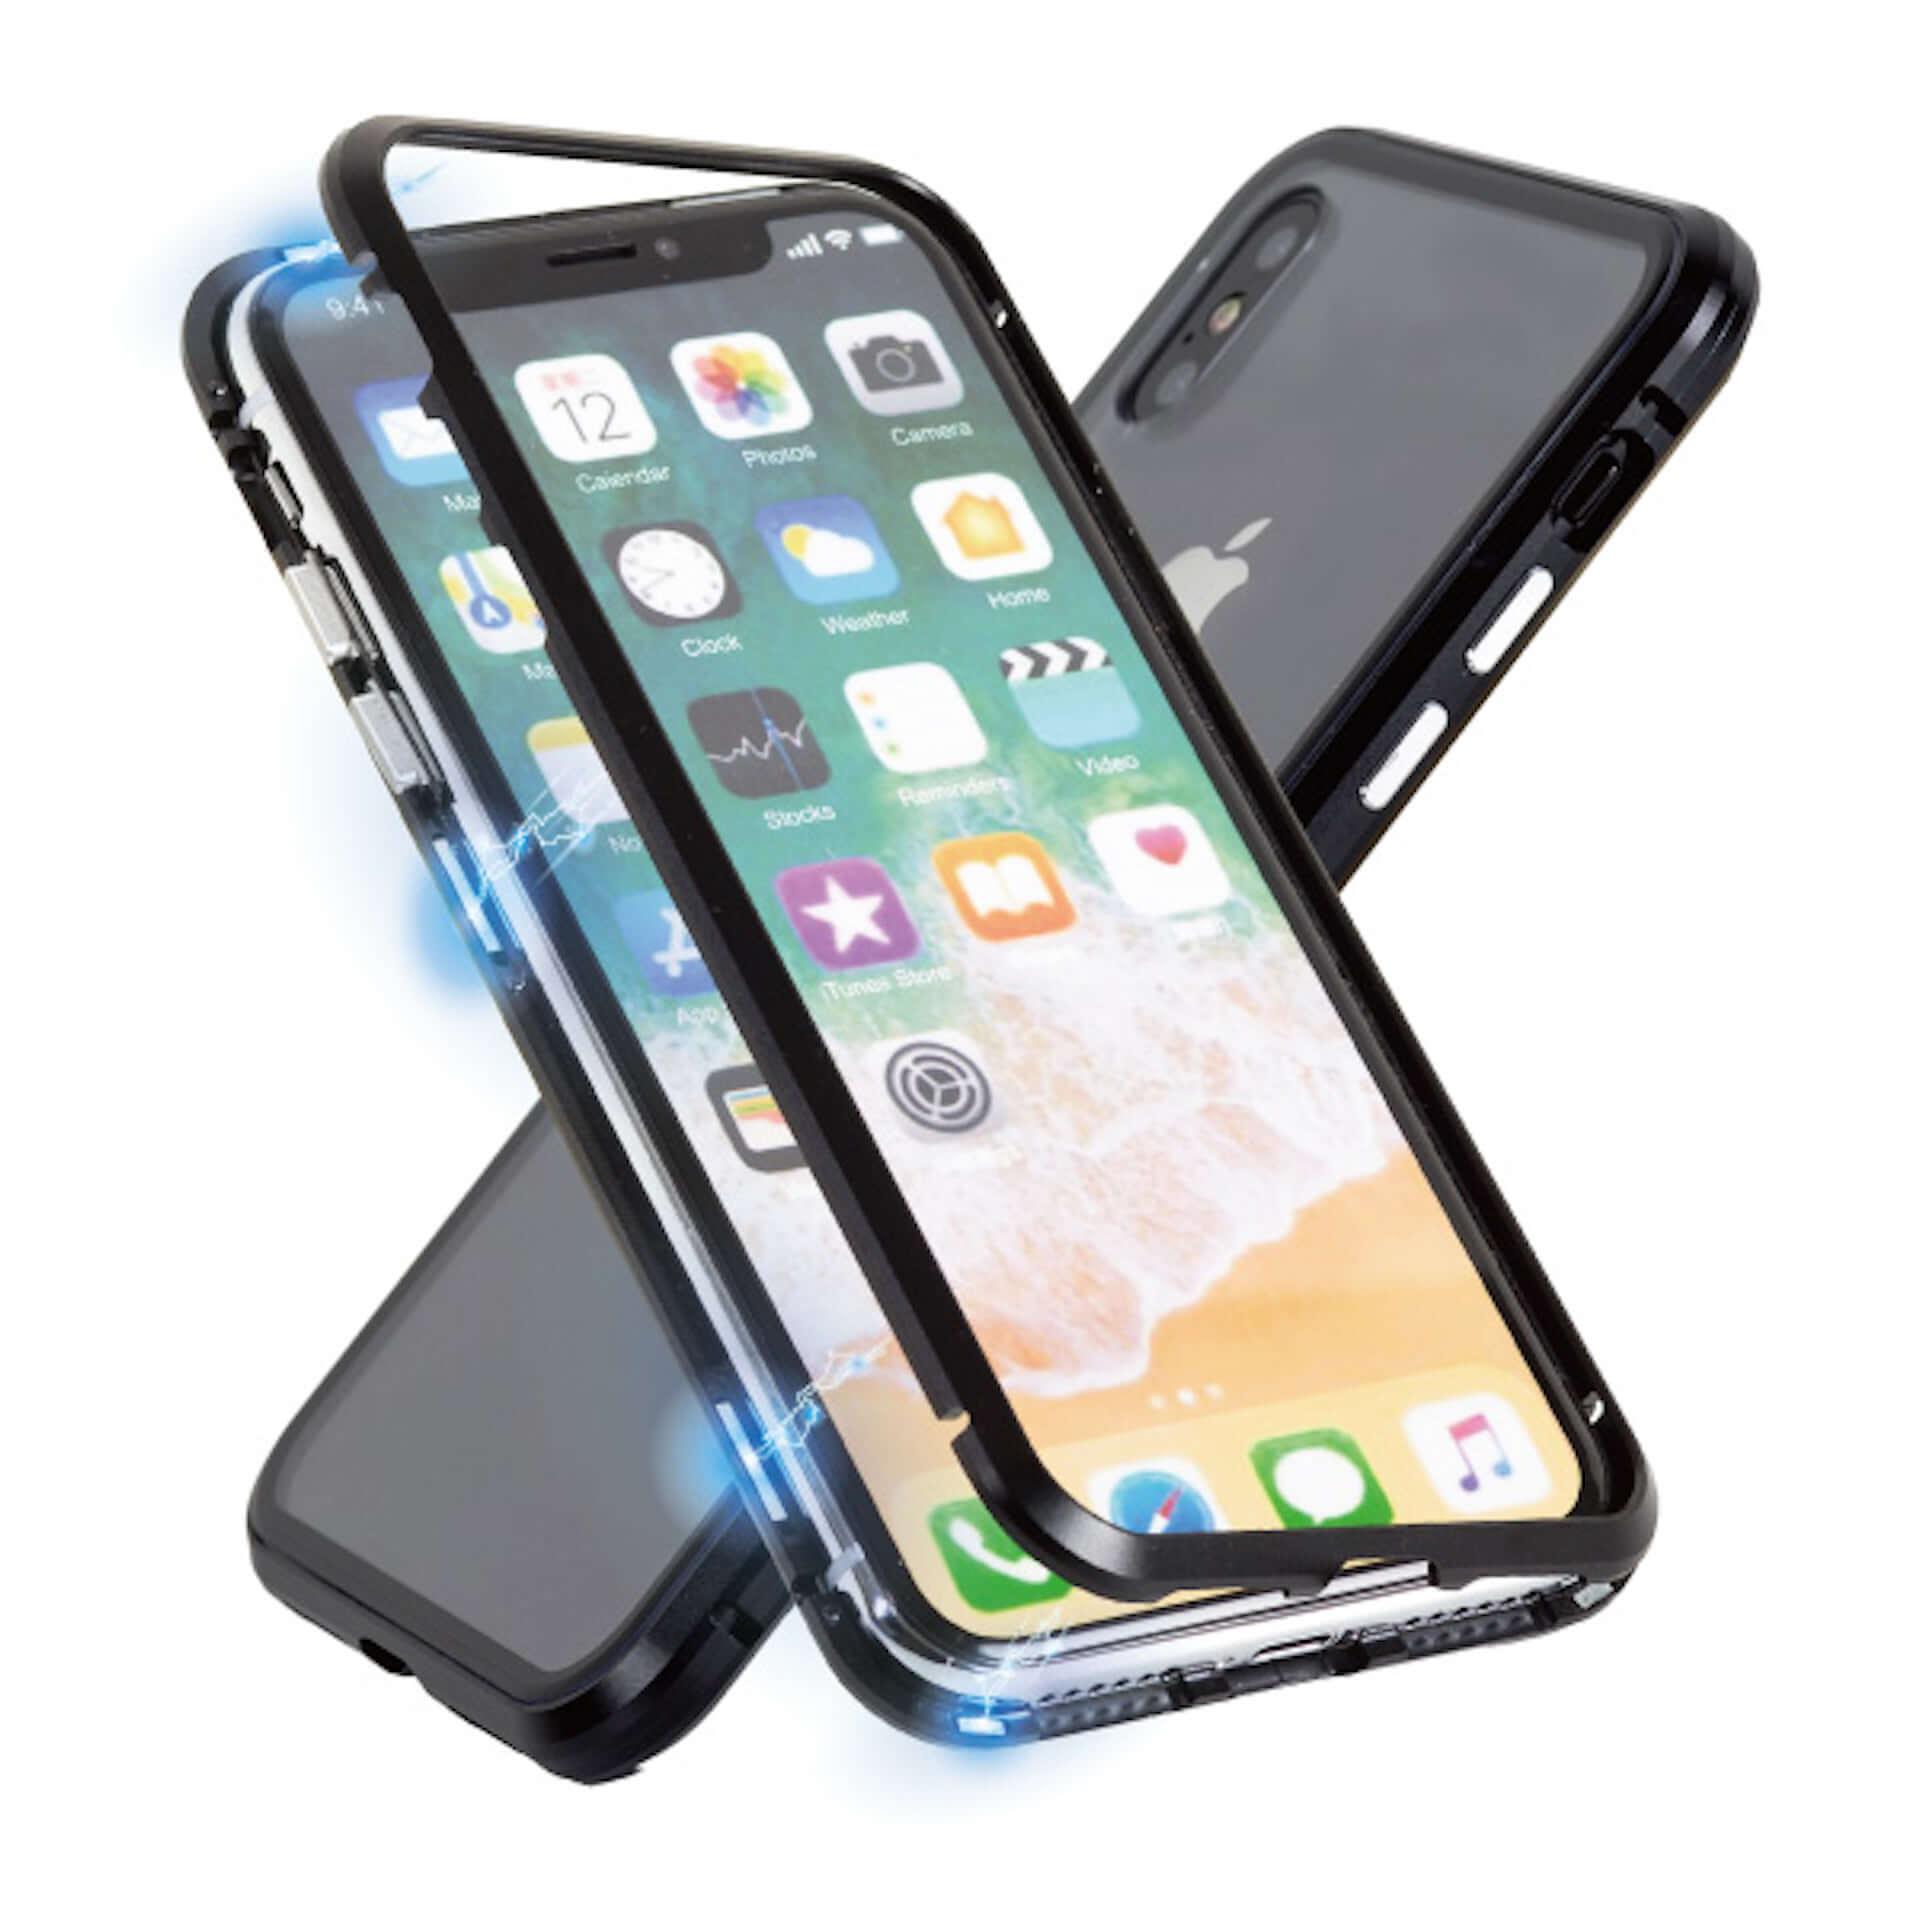 ハンマーでも割れないiPhoneケースが登場|頑強かつ軽量な「MAGNETIC ALUMINUM BUMPER CASE」発売 technology190731magnetic-iphonecase_3-1920x1917